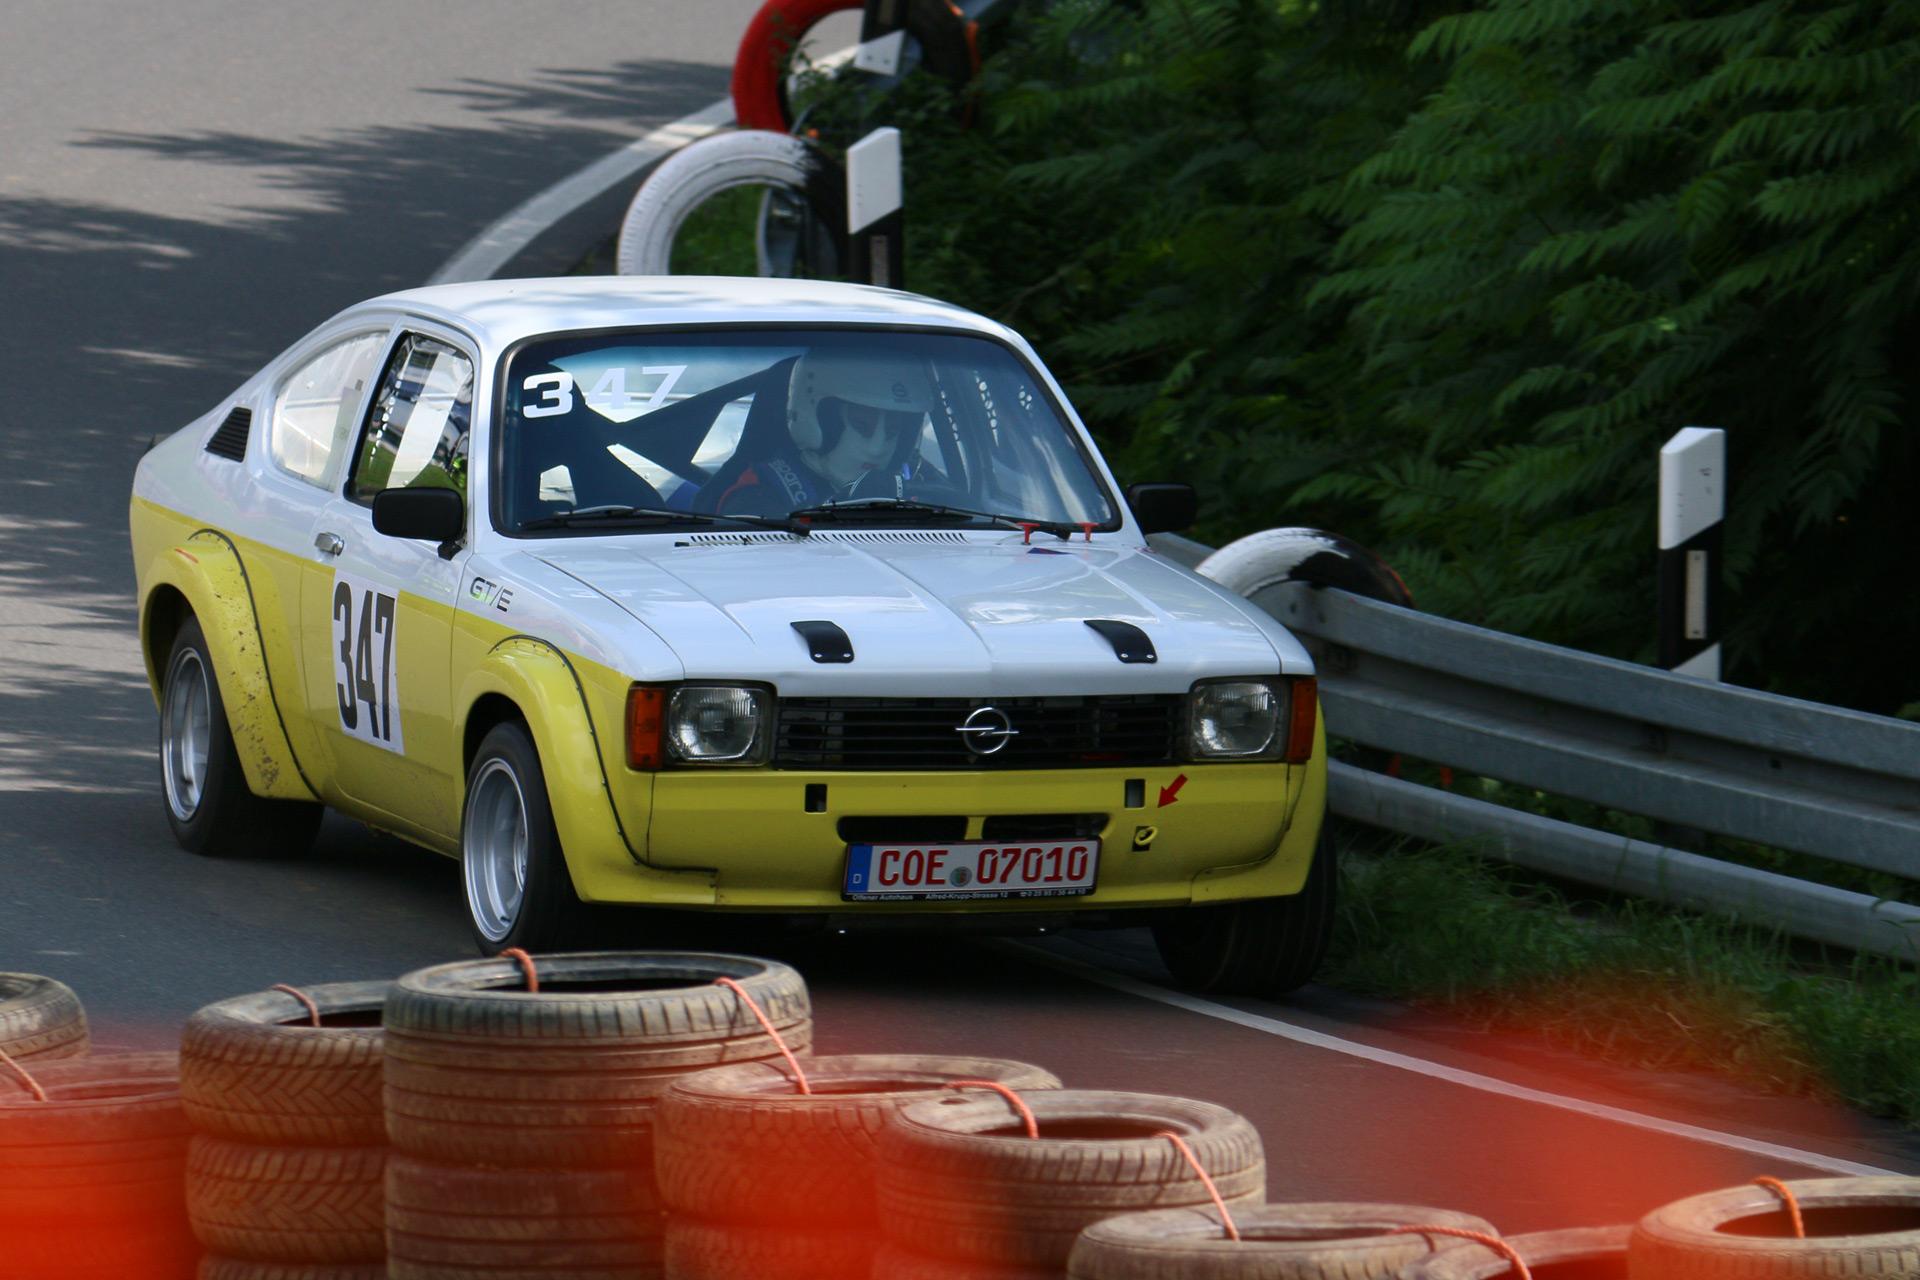 Ein Jahr vor dem Golf GTI des Konkurrenten Volkswagen stellte Opel die sportliche Variante des Kadett, den Kadett GT/E, Mitte 1975 vor.